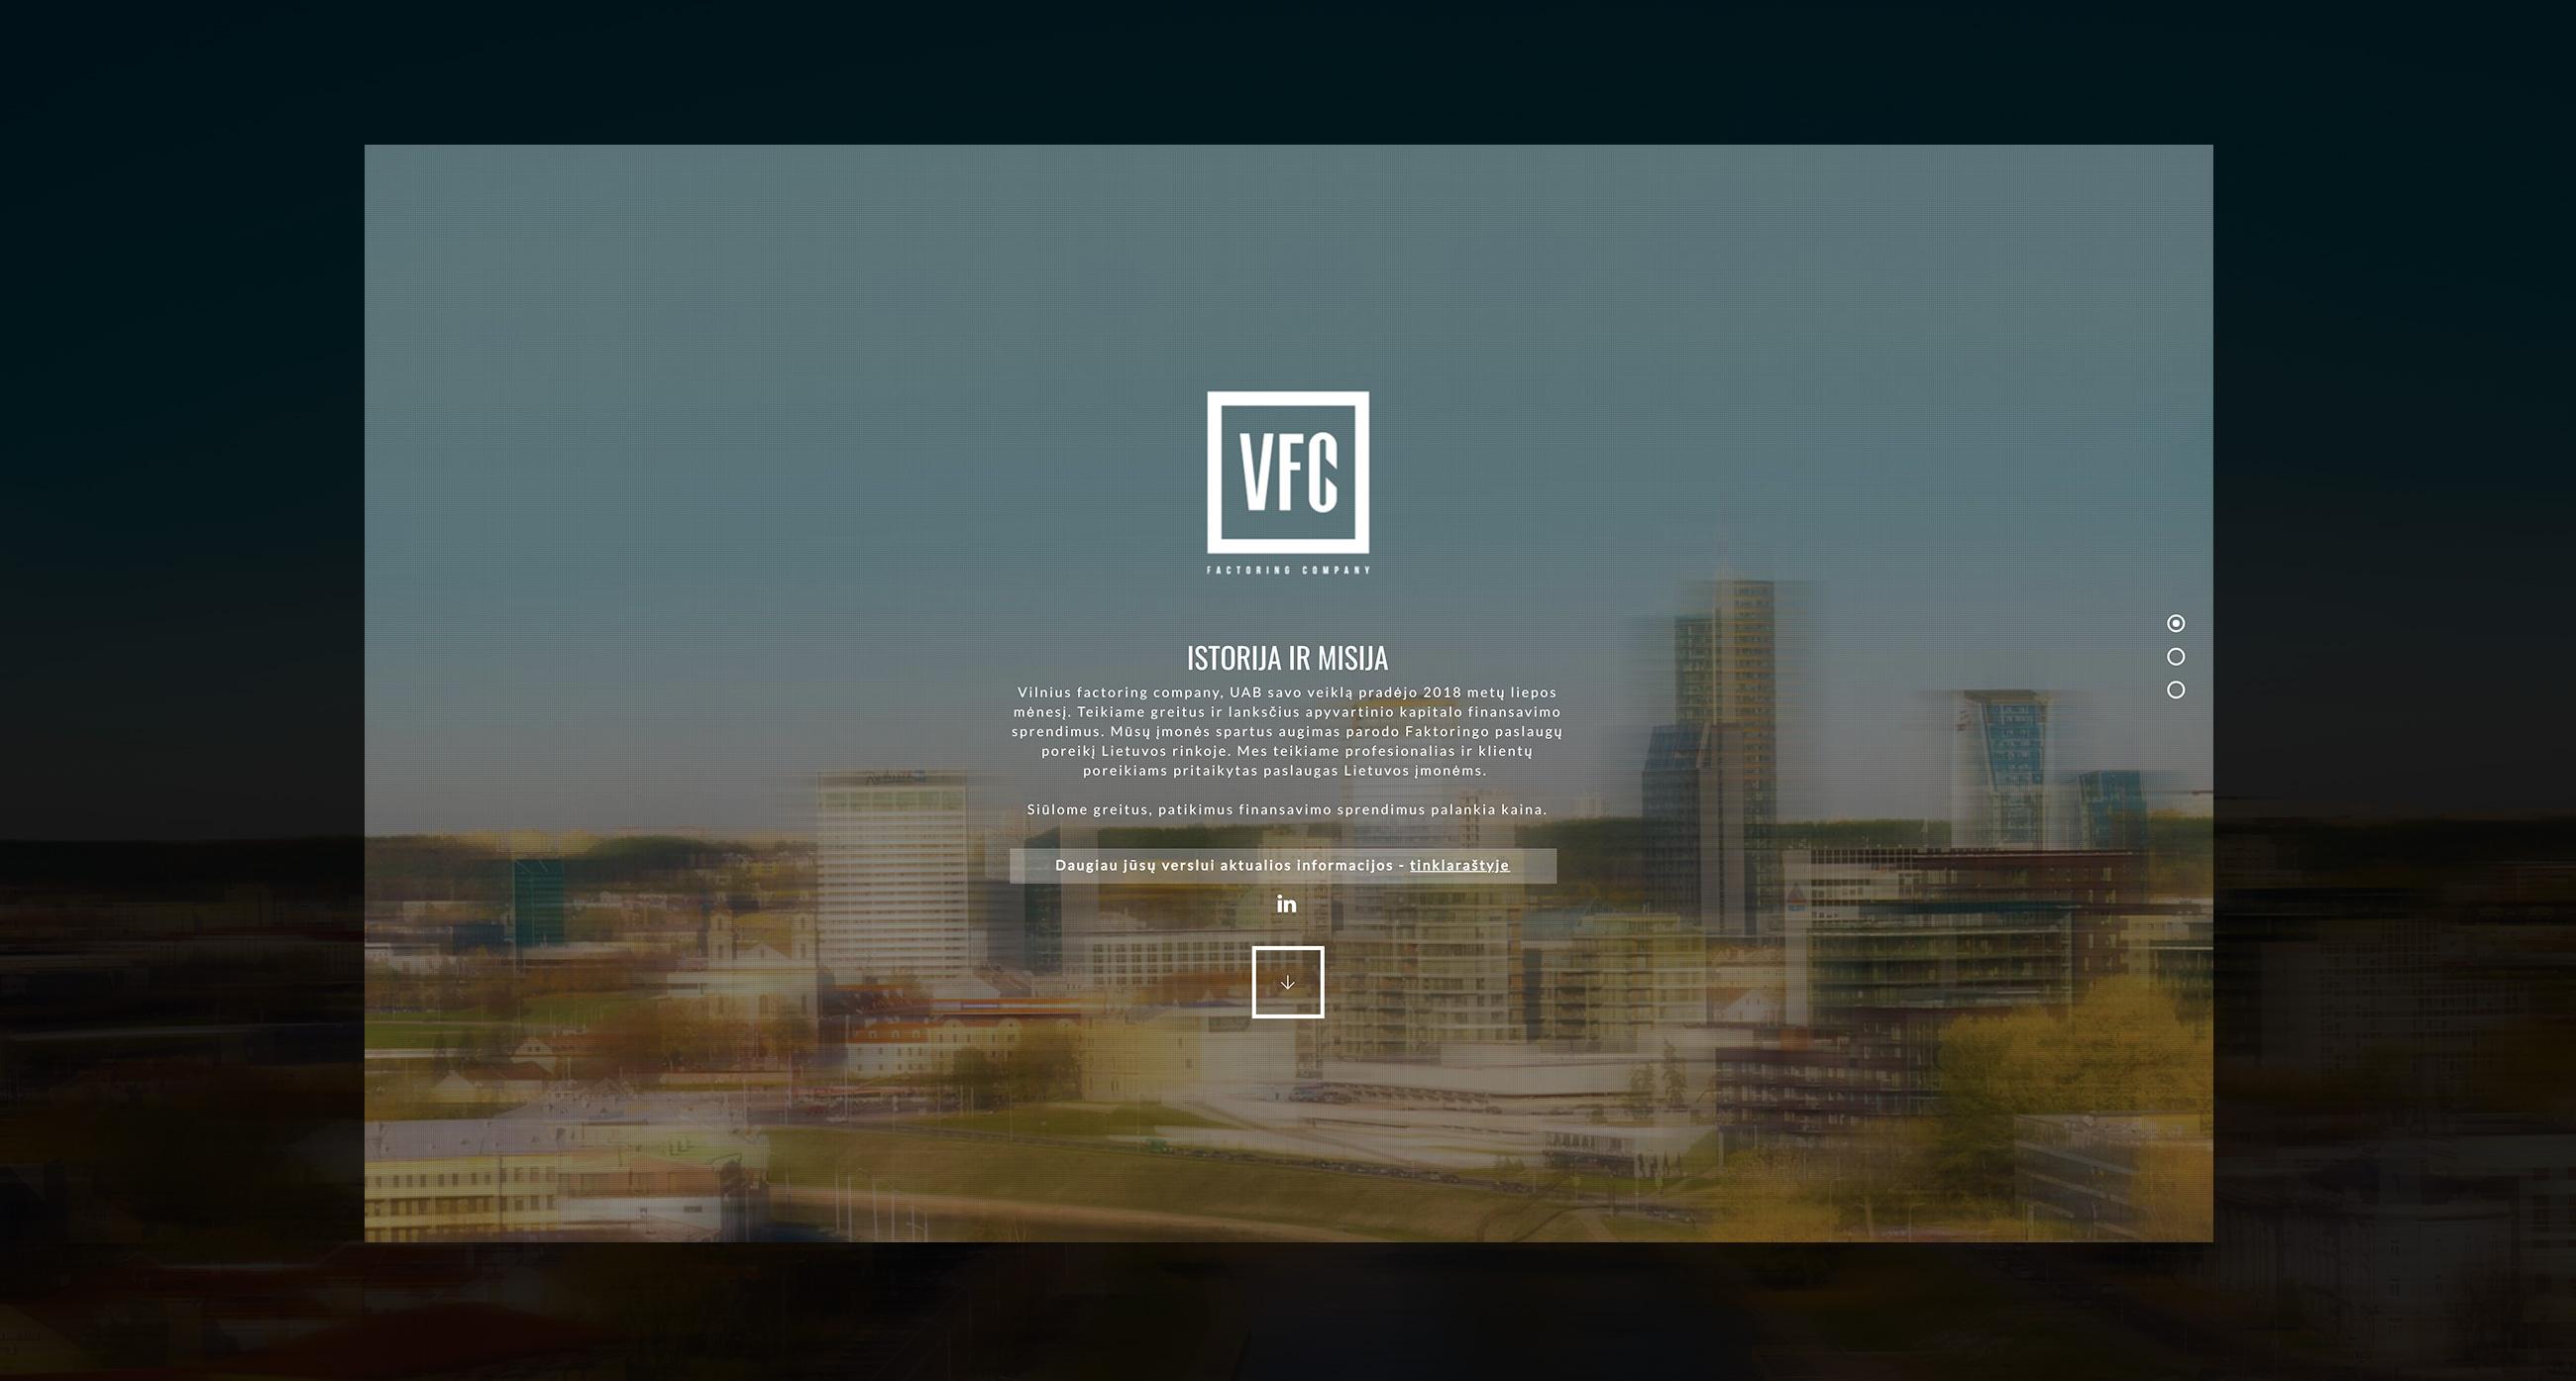 VFC sito web